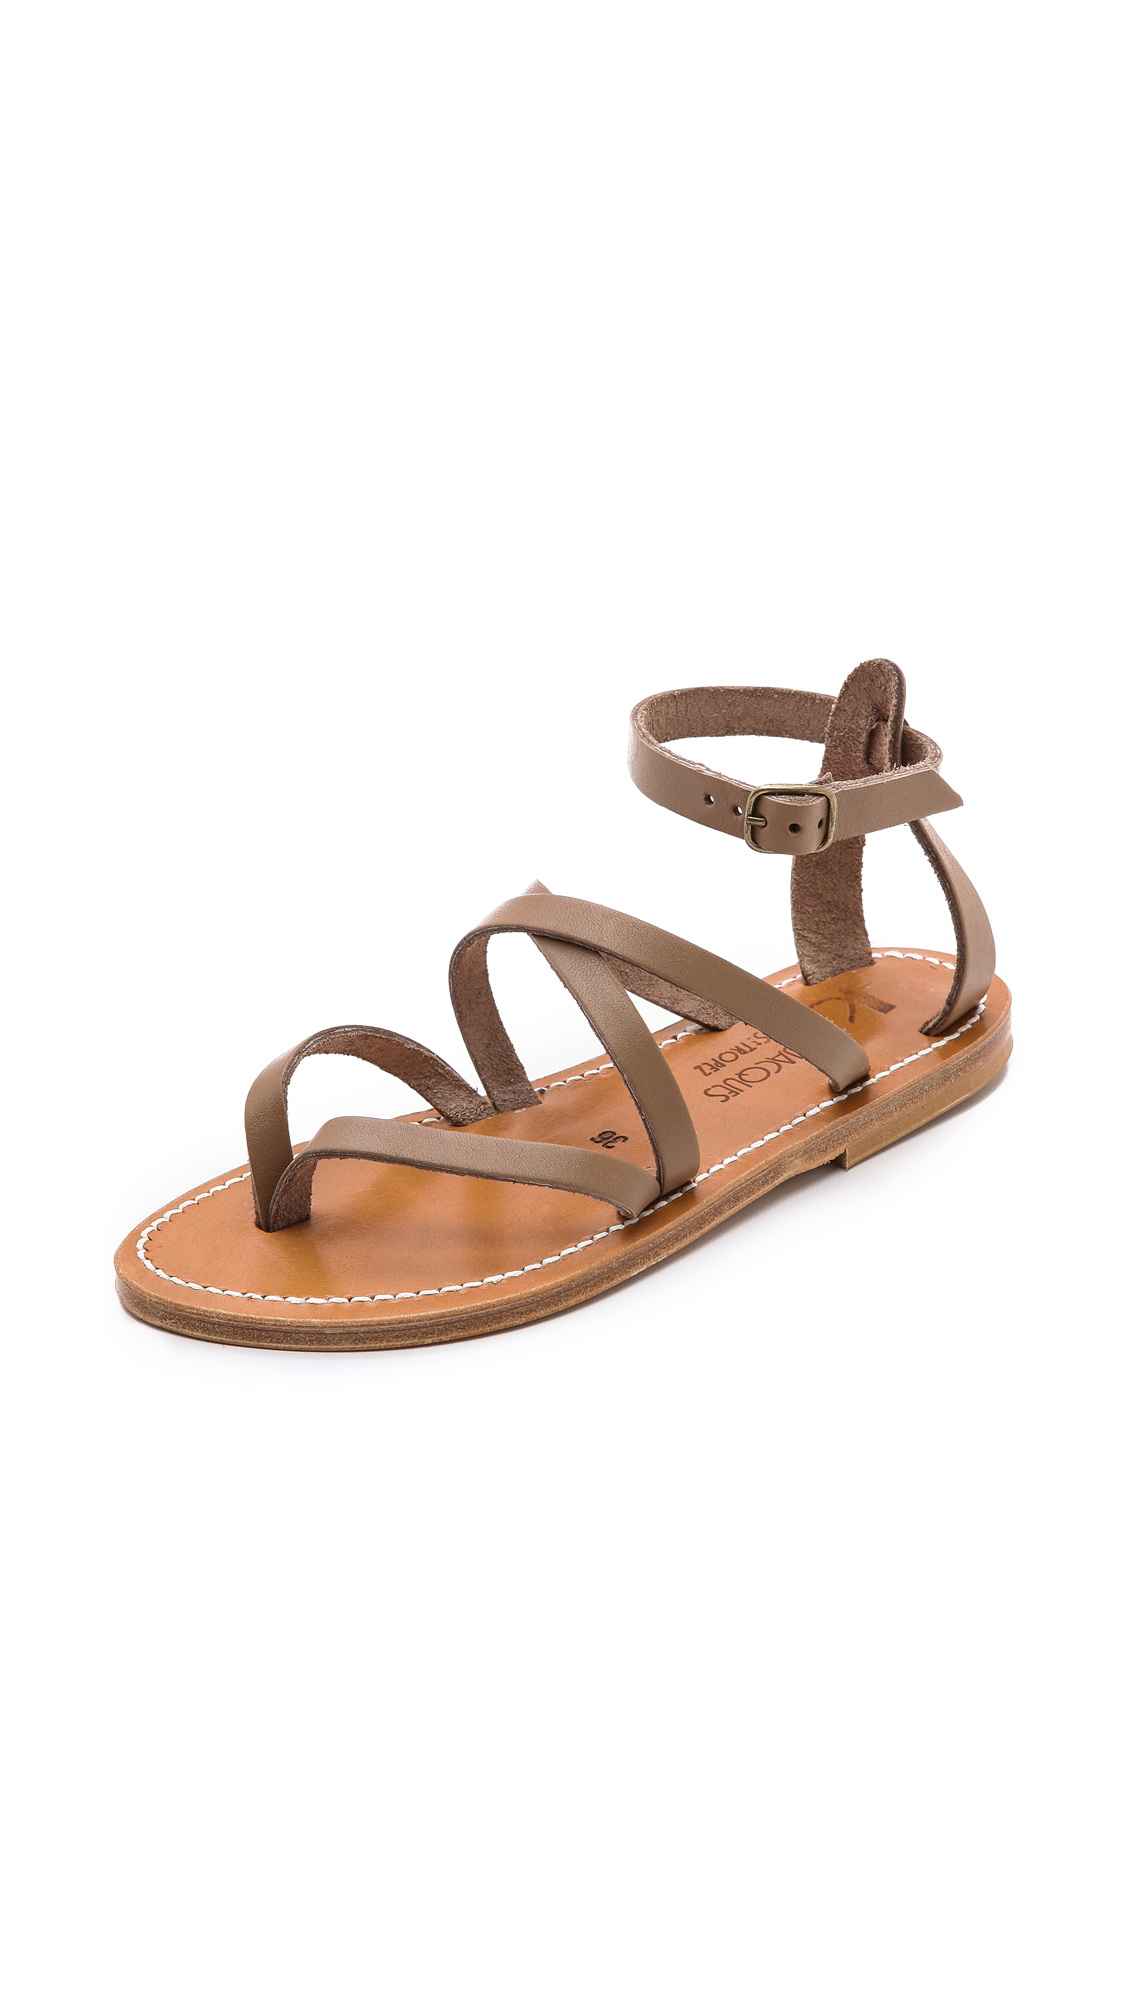 Crisscross SandalsShopbop Crisscross Crisscross Epicure KJacques KJacques KJacques Epicure Epicure SandalsShopbop mN0wv8n